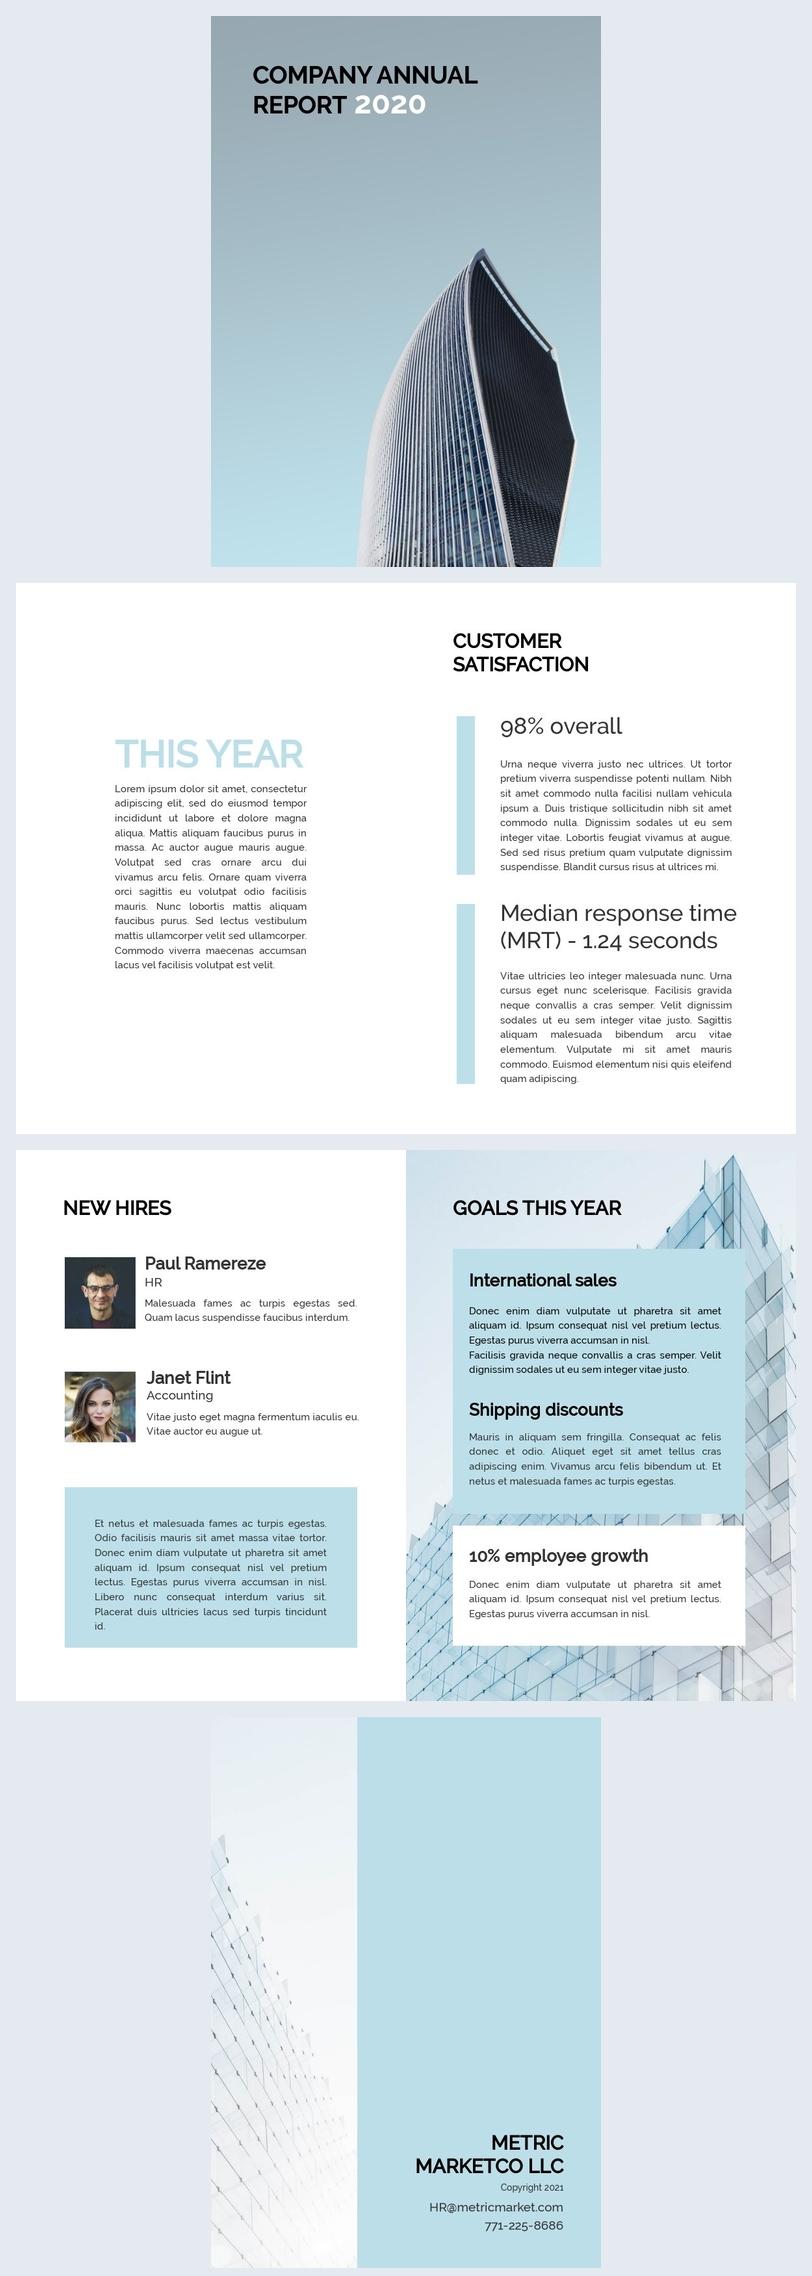 Plantilla para informe anual de la empresa